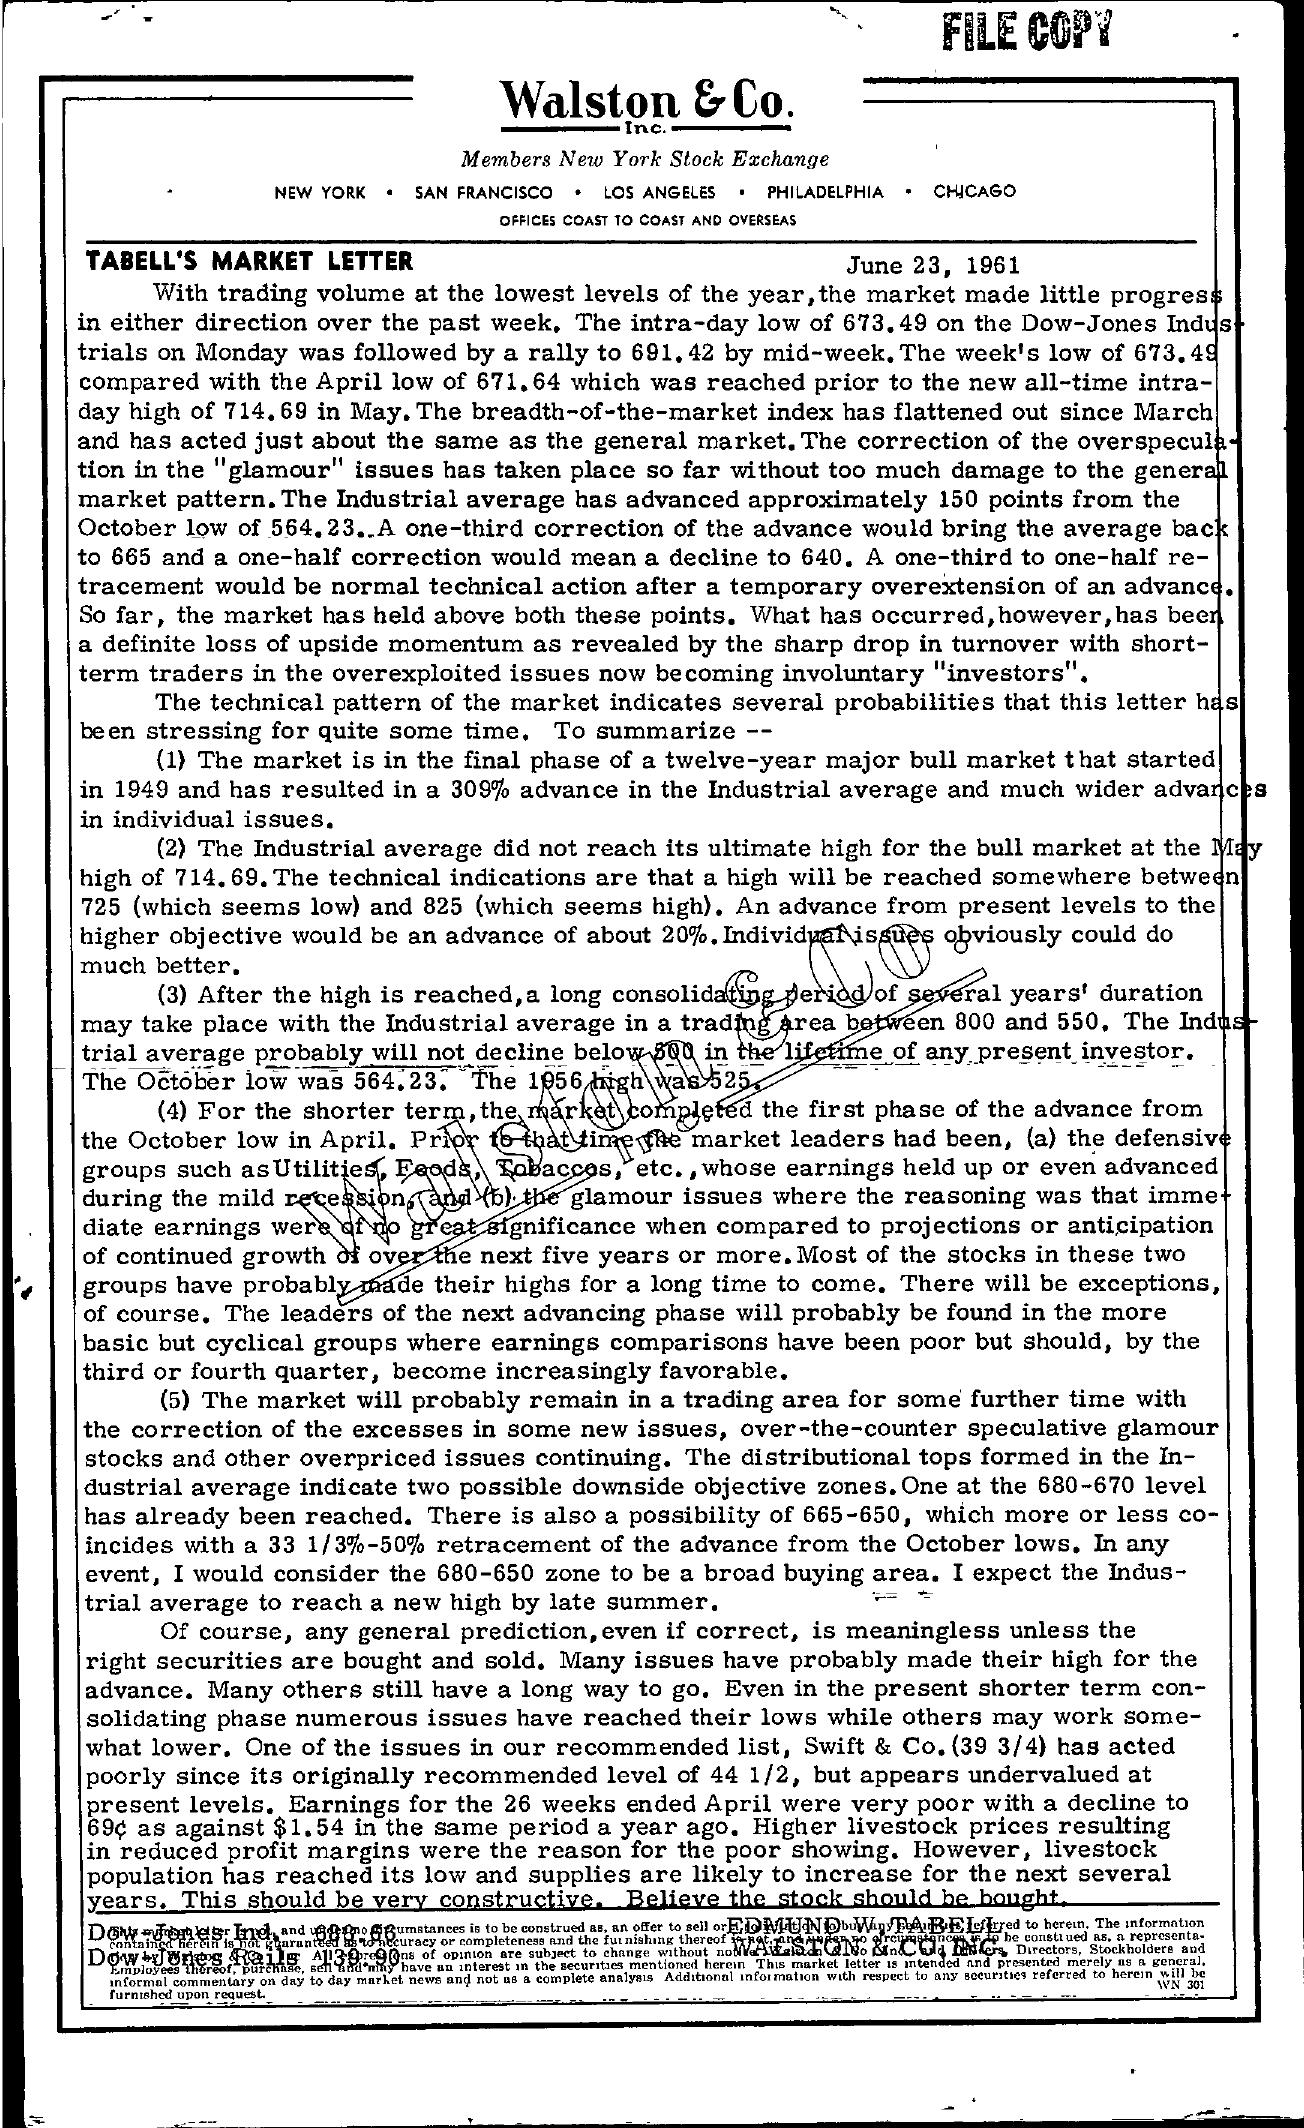 Tabell's Market Letter - June 23, 1961